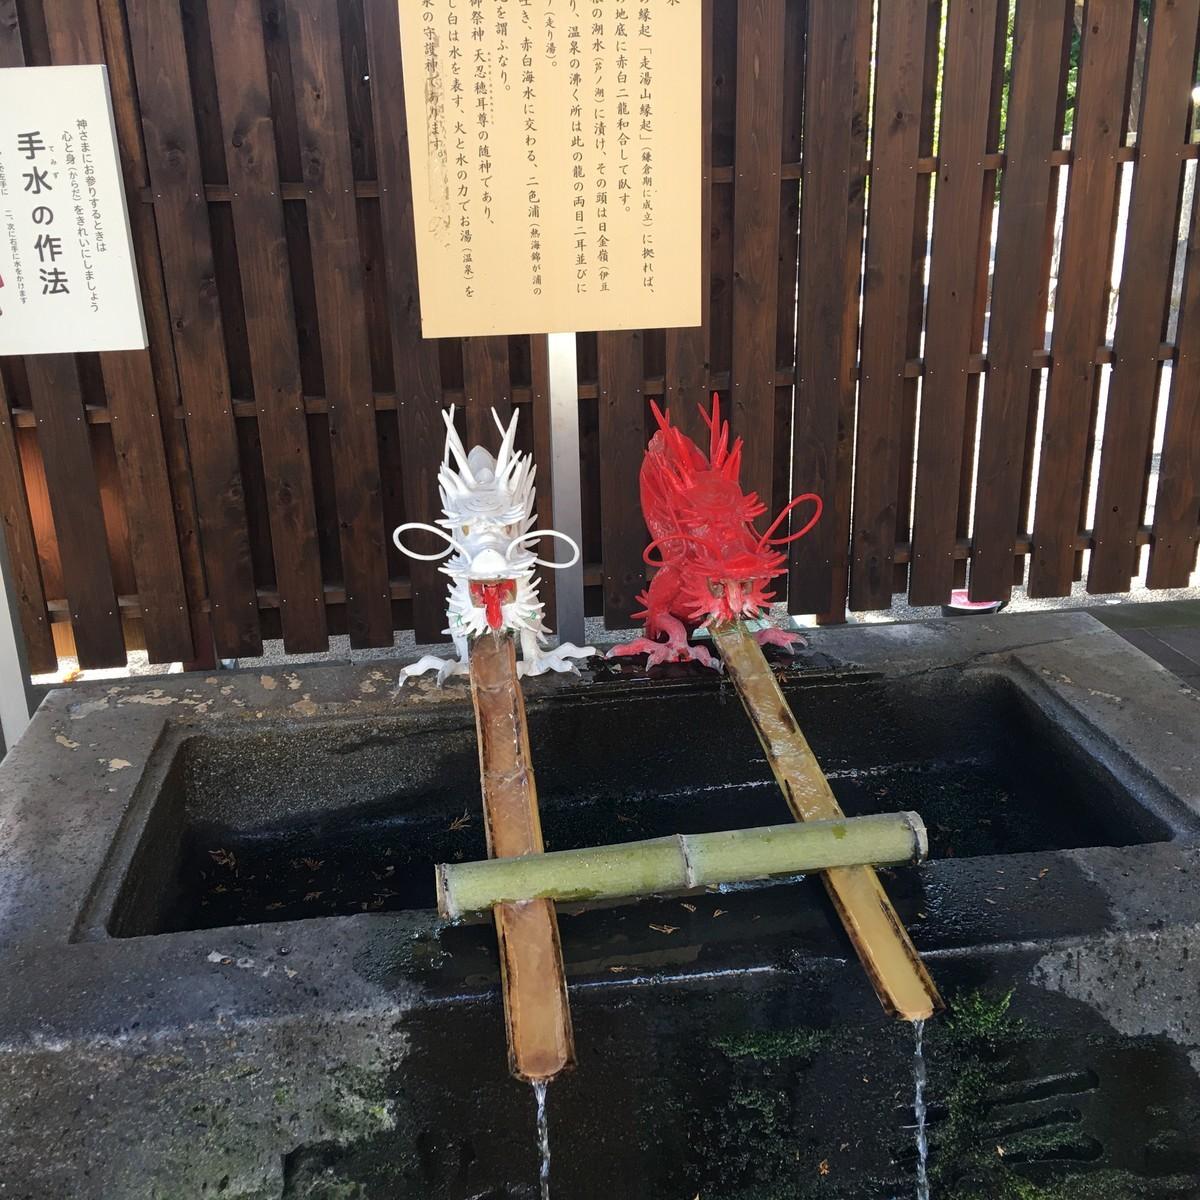 赤白二龍 伊豆山神社 手水舎